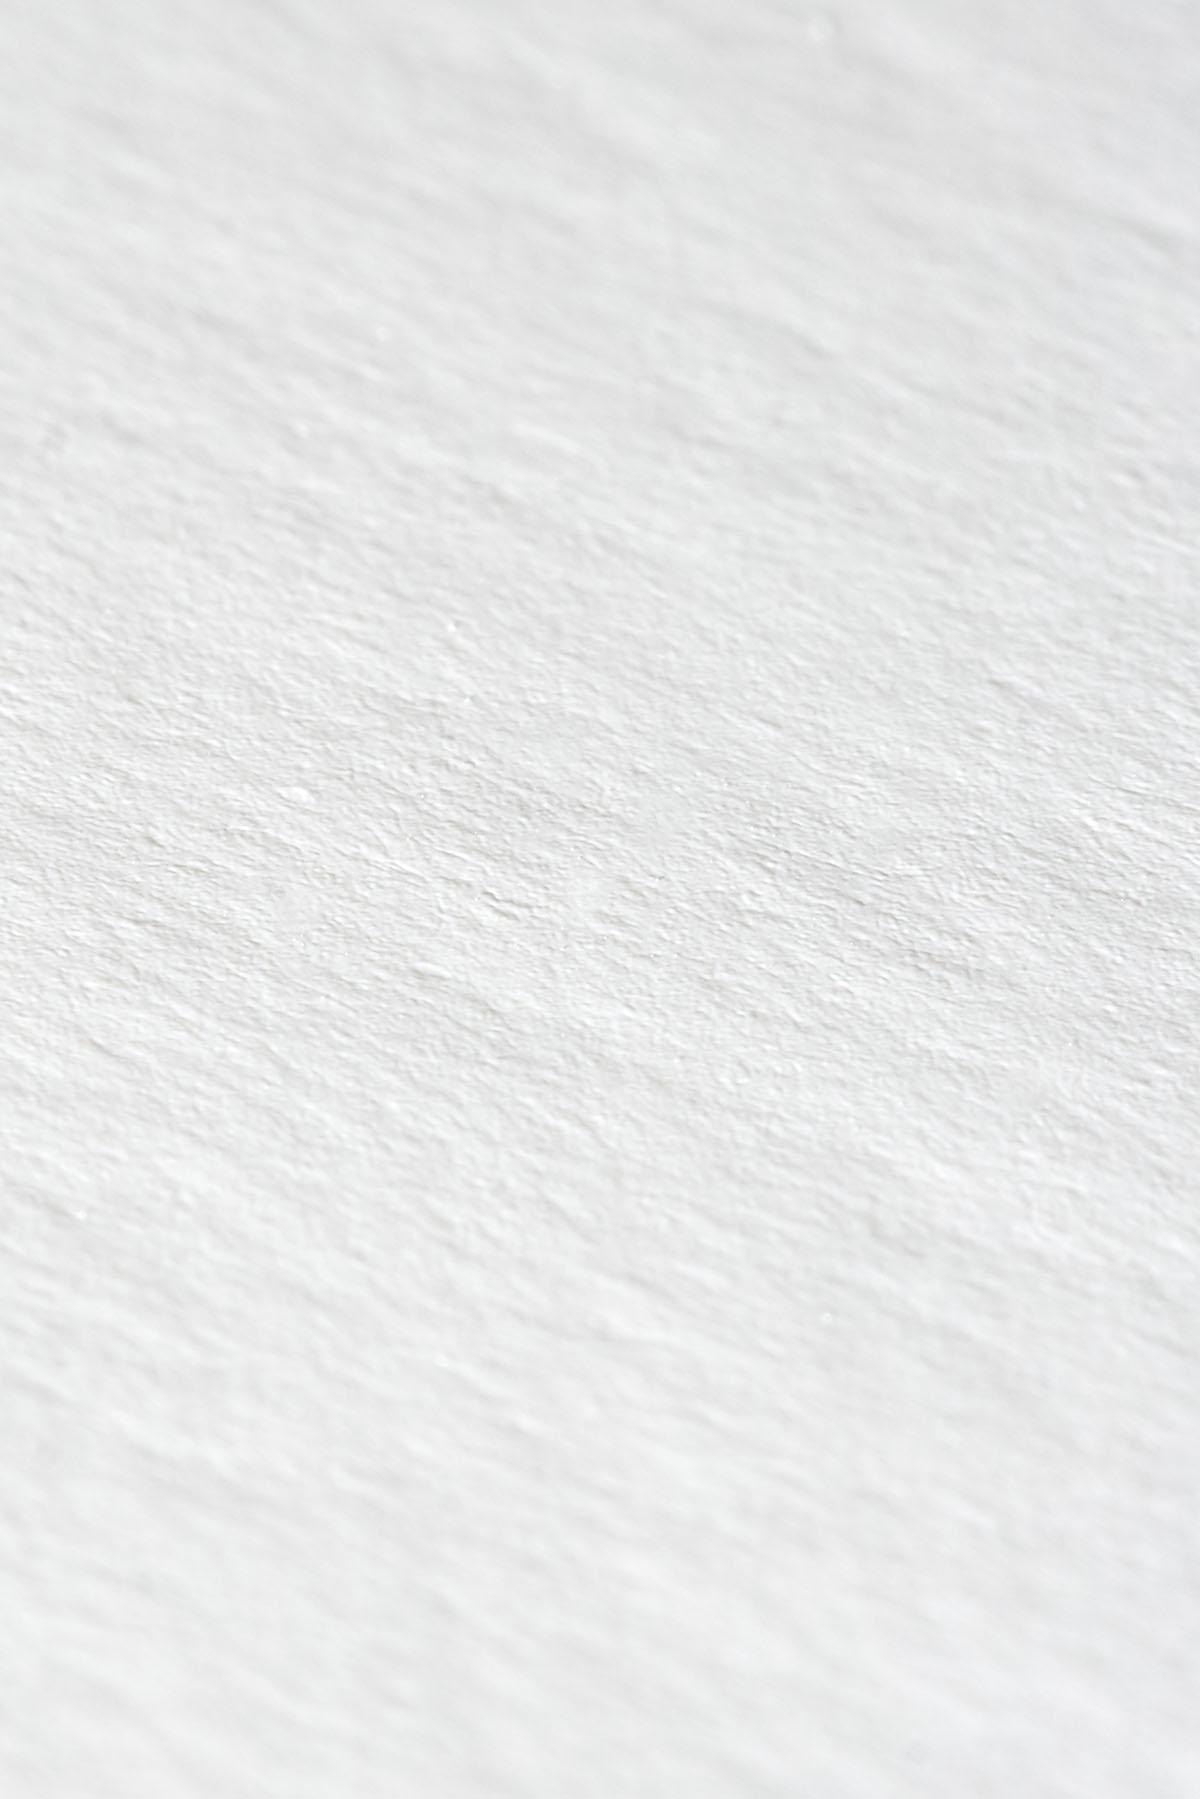 Le papier est de toute beauté !